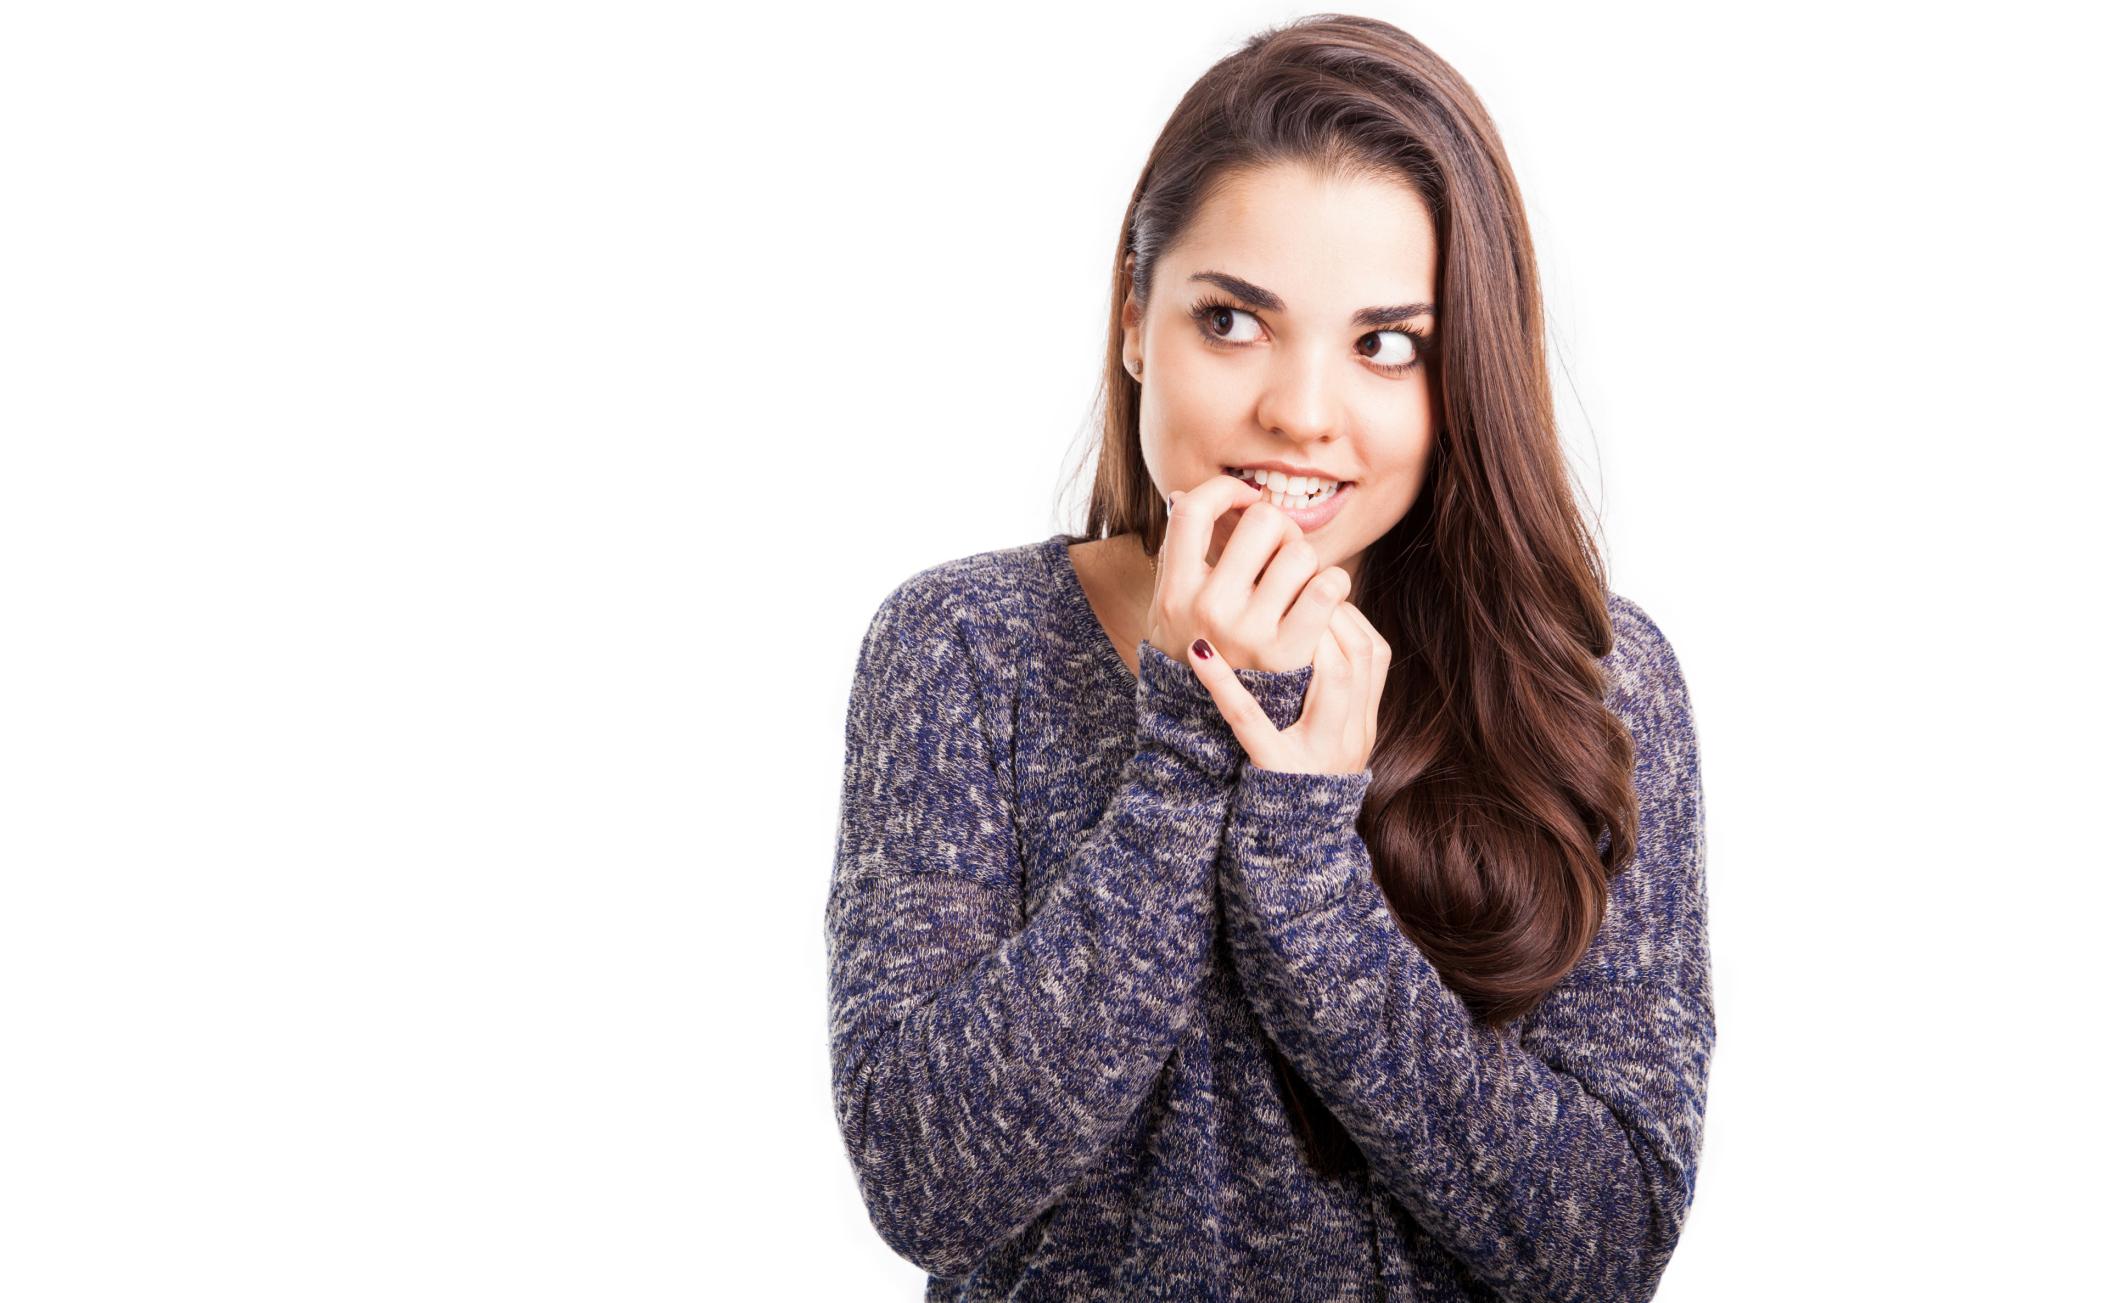 Vi mangiate le unghie? Potreste essere dei perfezionisti